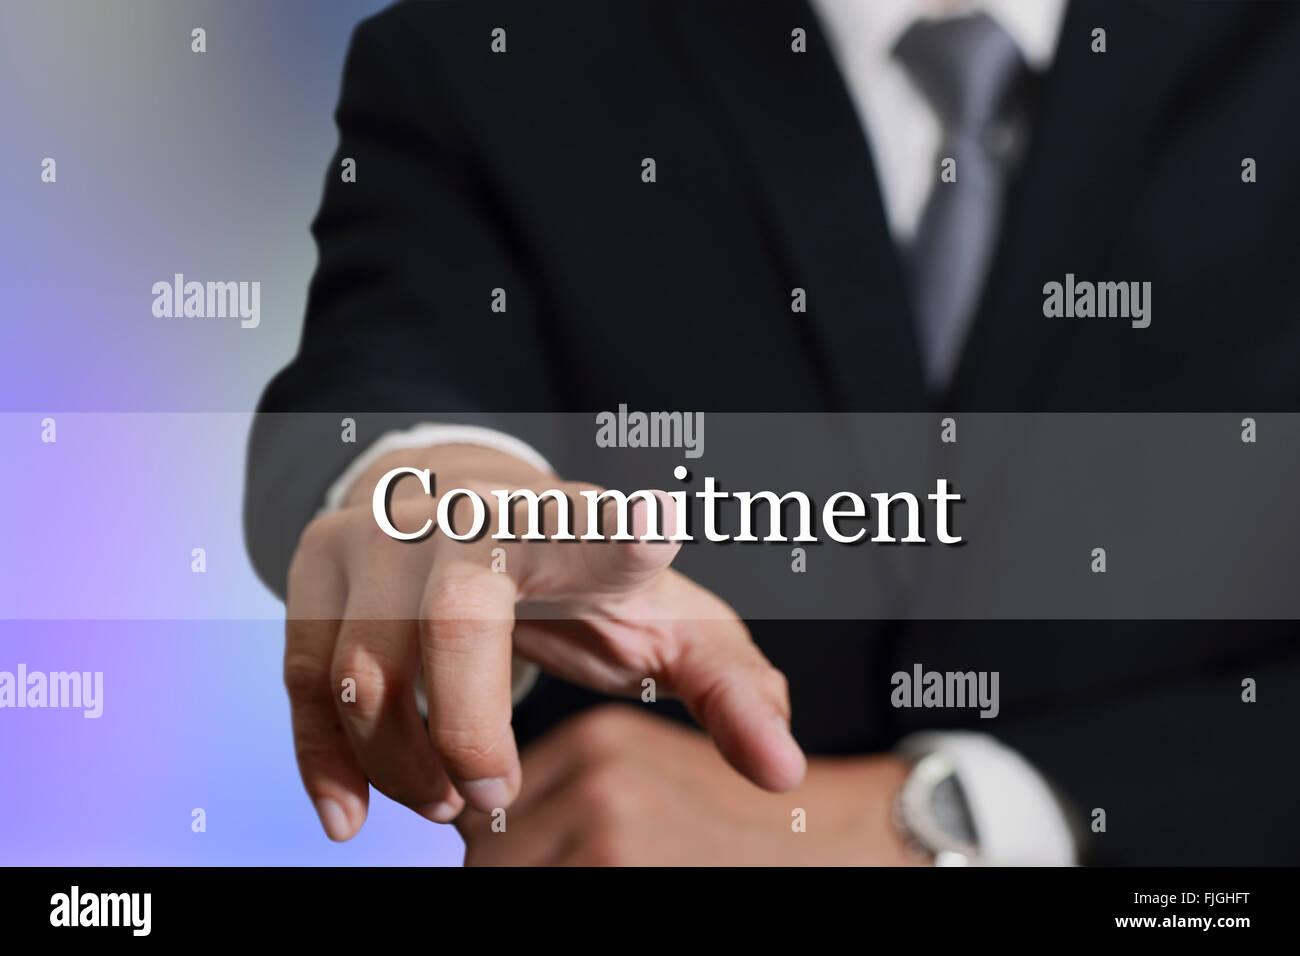 Empresario mano tocando el compromiso firme en la pantalla virtual como concepto de compromiso. Imagen De Stock